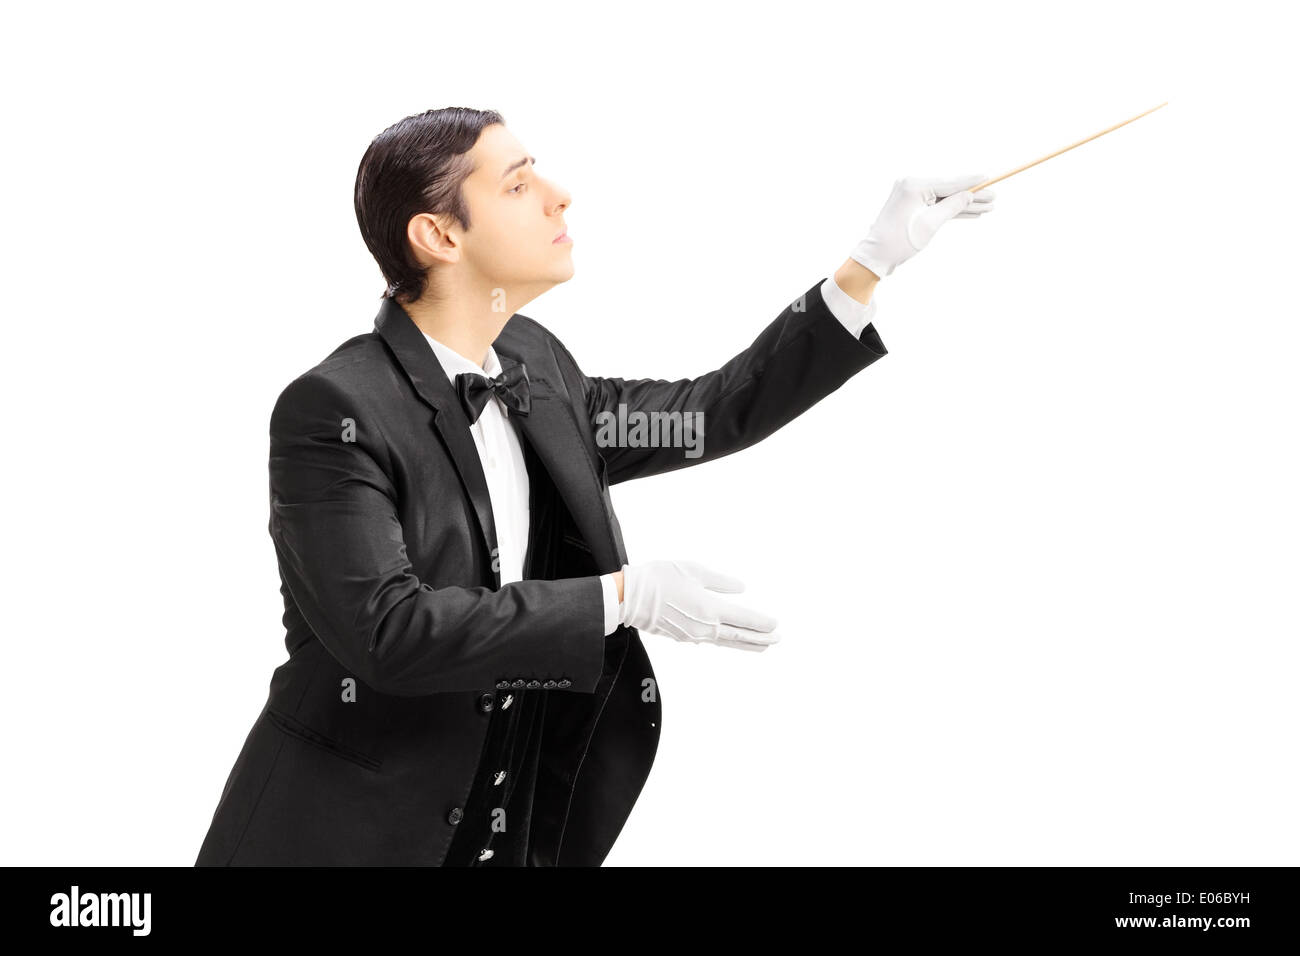 Immaginiamp; Stock Fotos Direttore D'orchestra shBrtxQdC